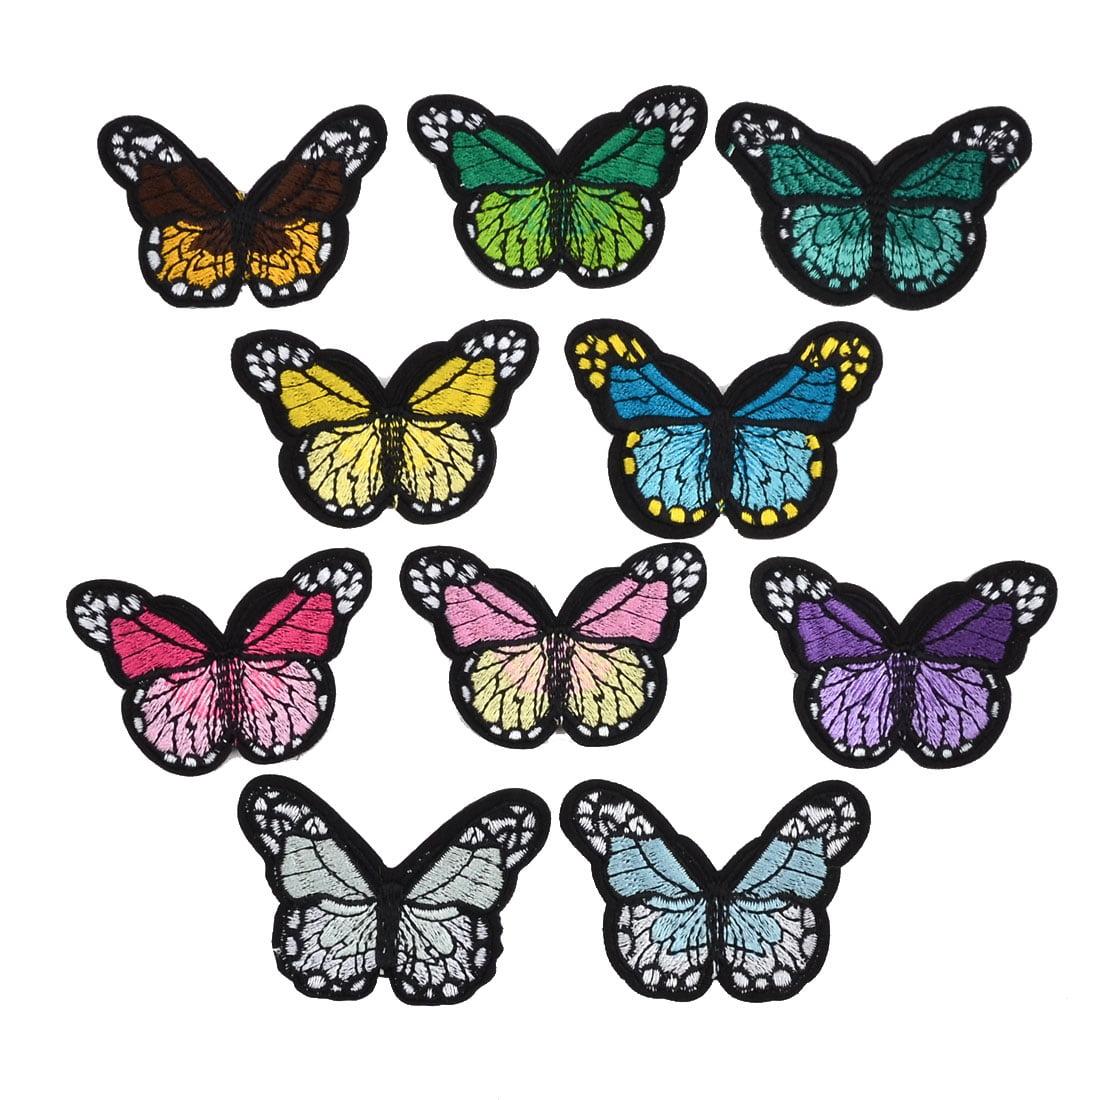 Unique Bargains Home Polyester Butterfly Shape DIY Sewing Clothes Lace Applique Multicolor 10pcs